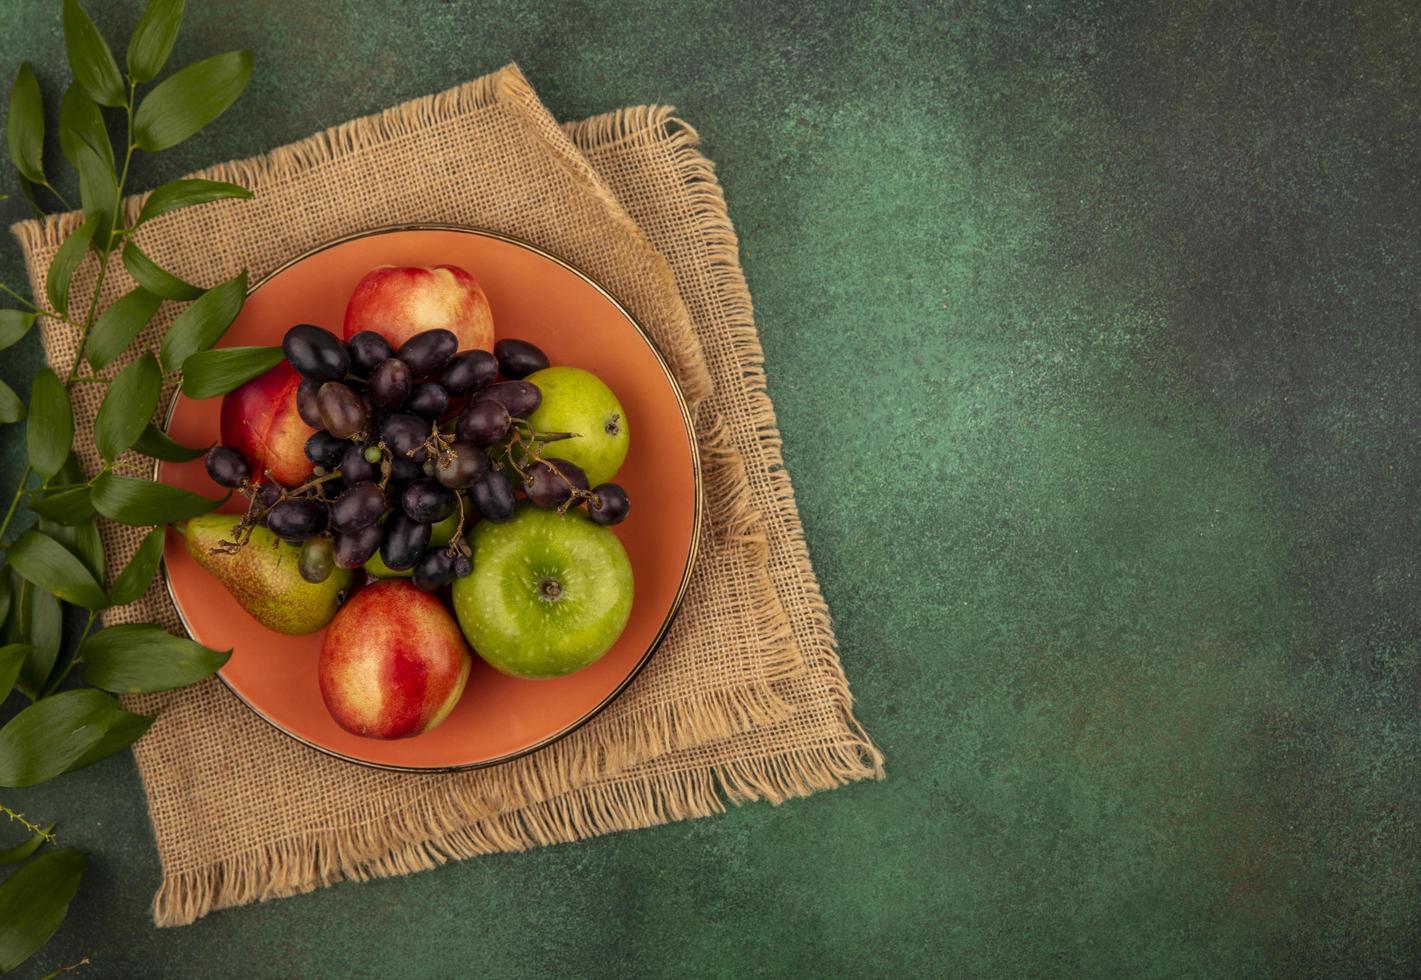 blandad frukt på stiliserad grön bakgrund foto